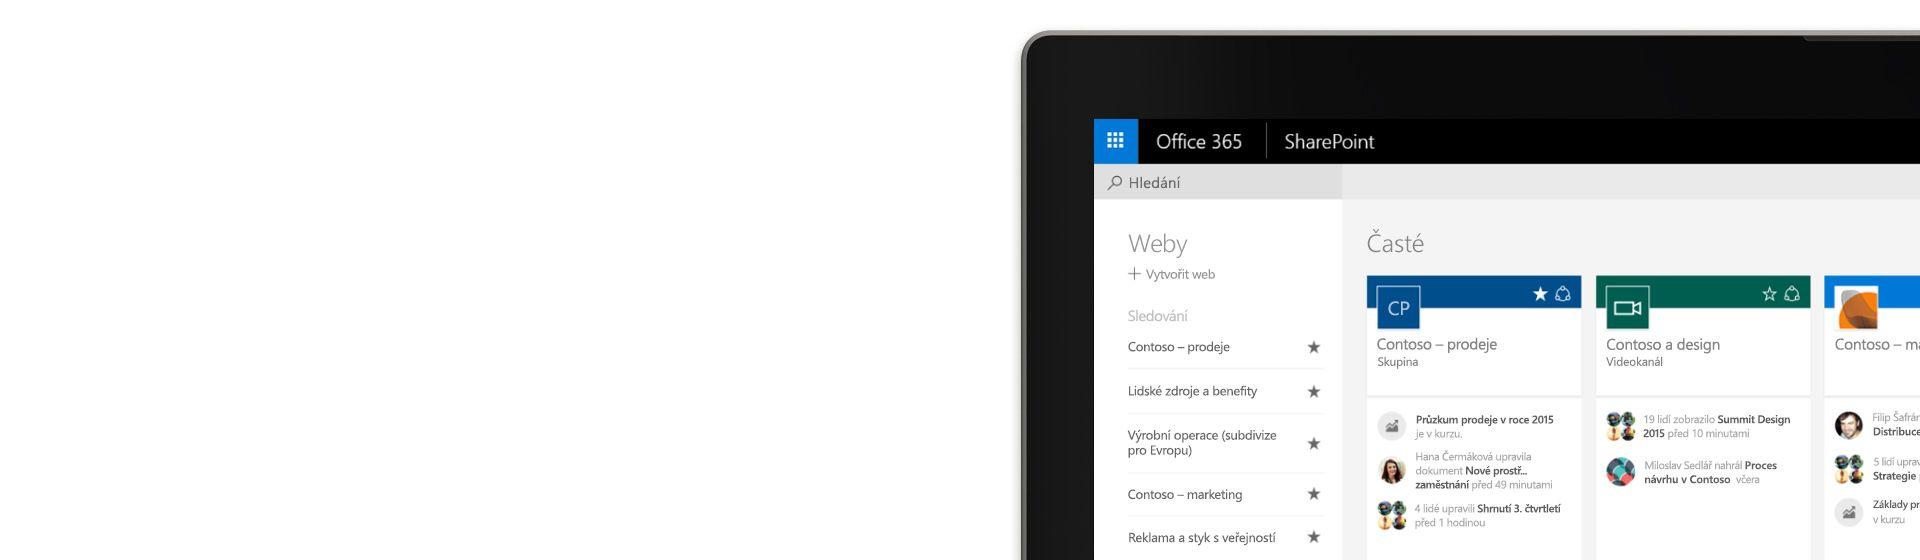 Roh obrazovky přenosného počítače, která zobrazuje Office 365 SharePoint pro firmu Contoso